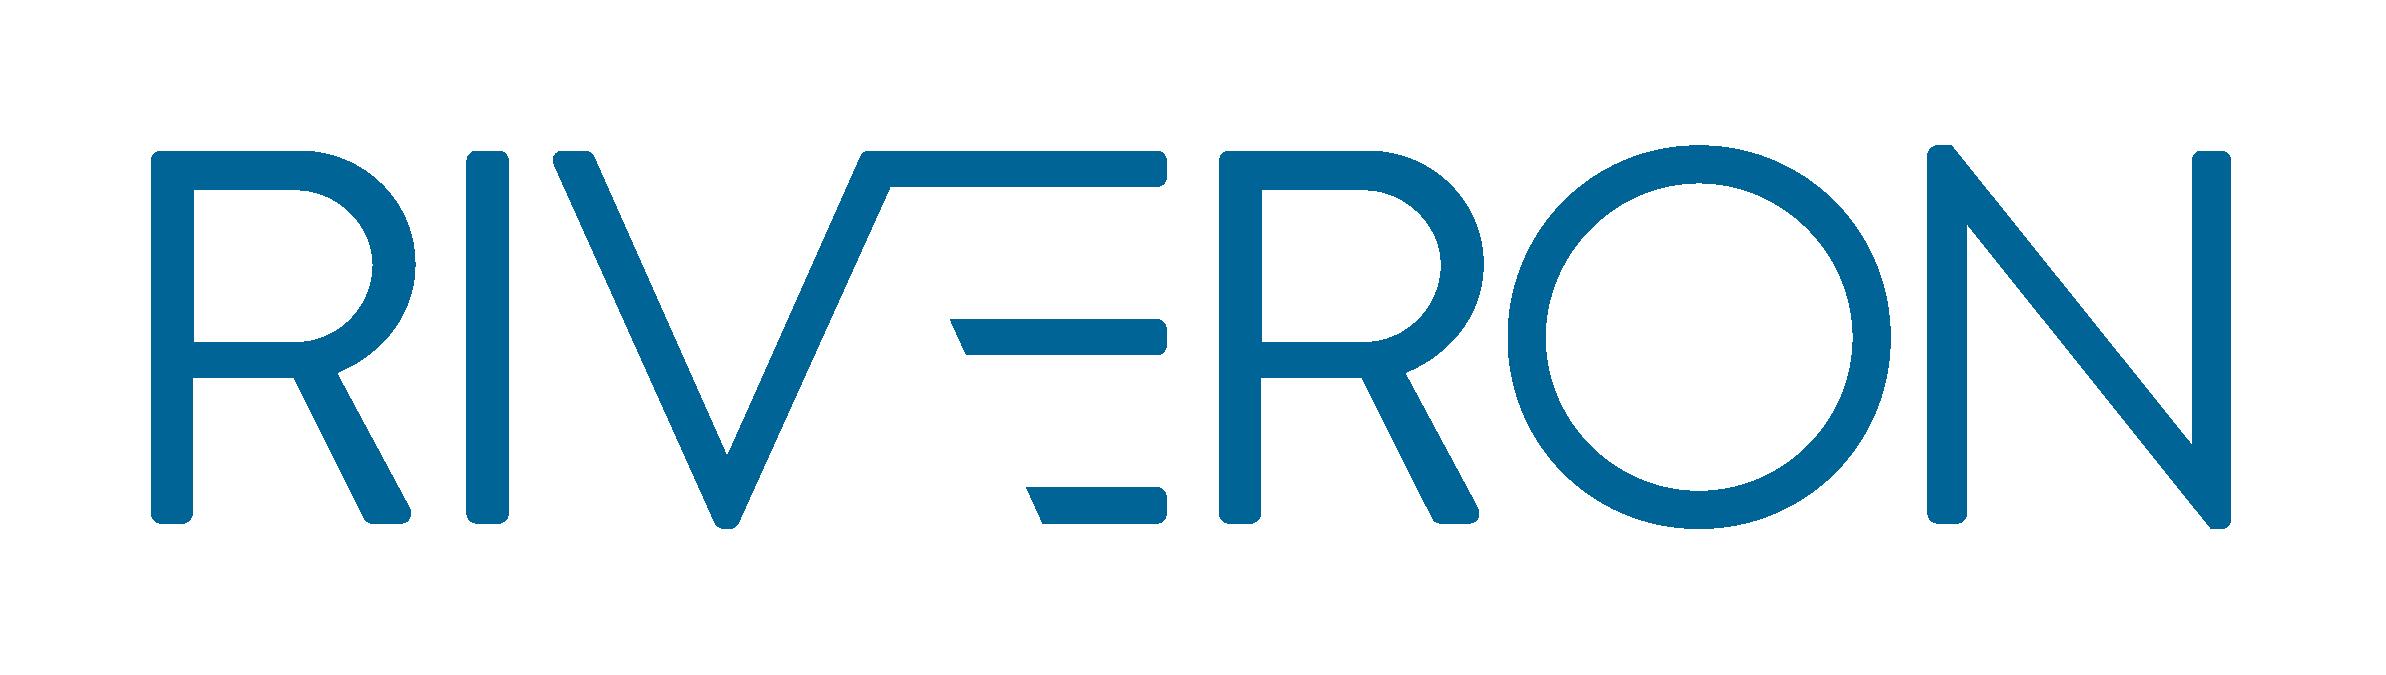 Riveron logo